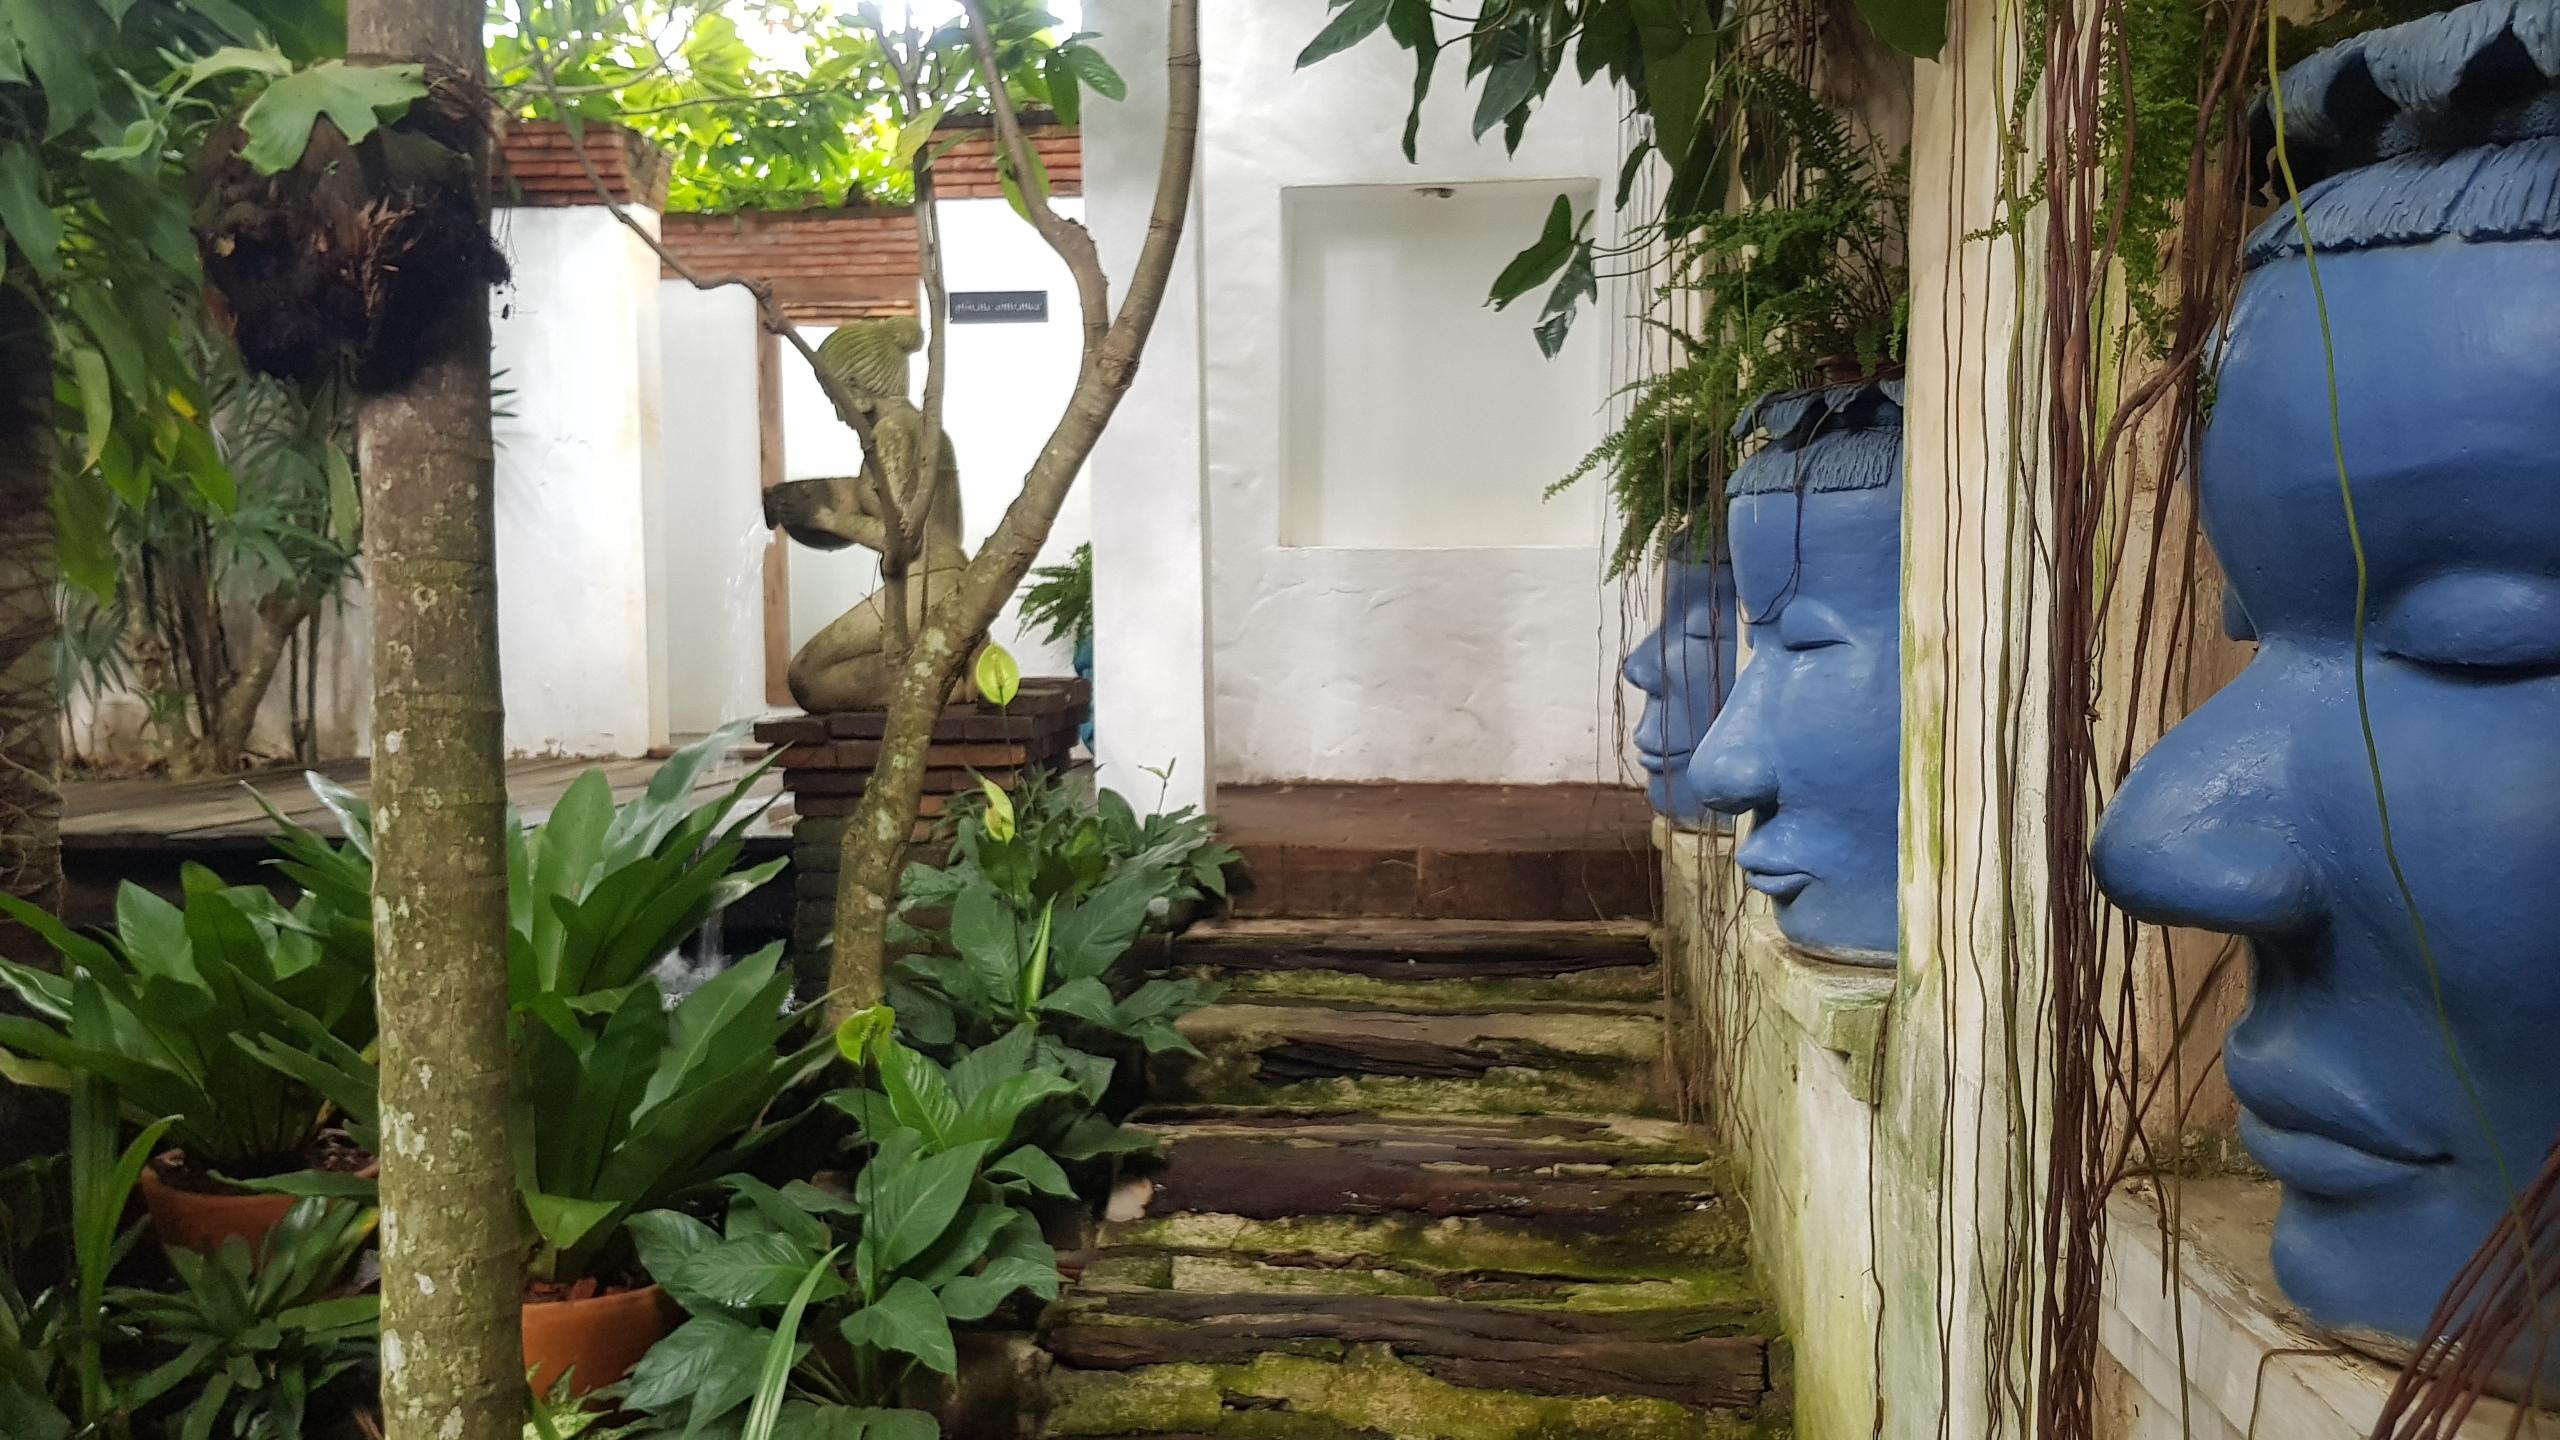 บรรยากาศบริเวณห้องน้ำที่ทำให้รู้สึกเหมือนกับว่าอยู่ใน Art Gallery @ Café de Oasis